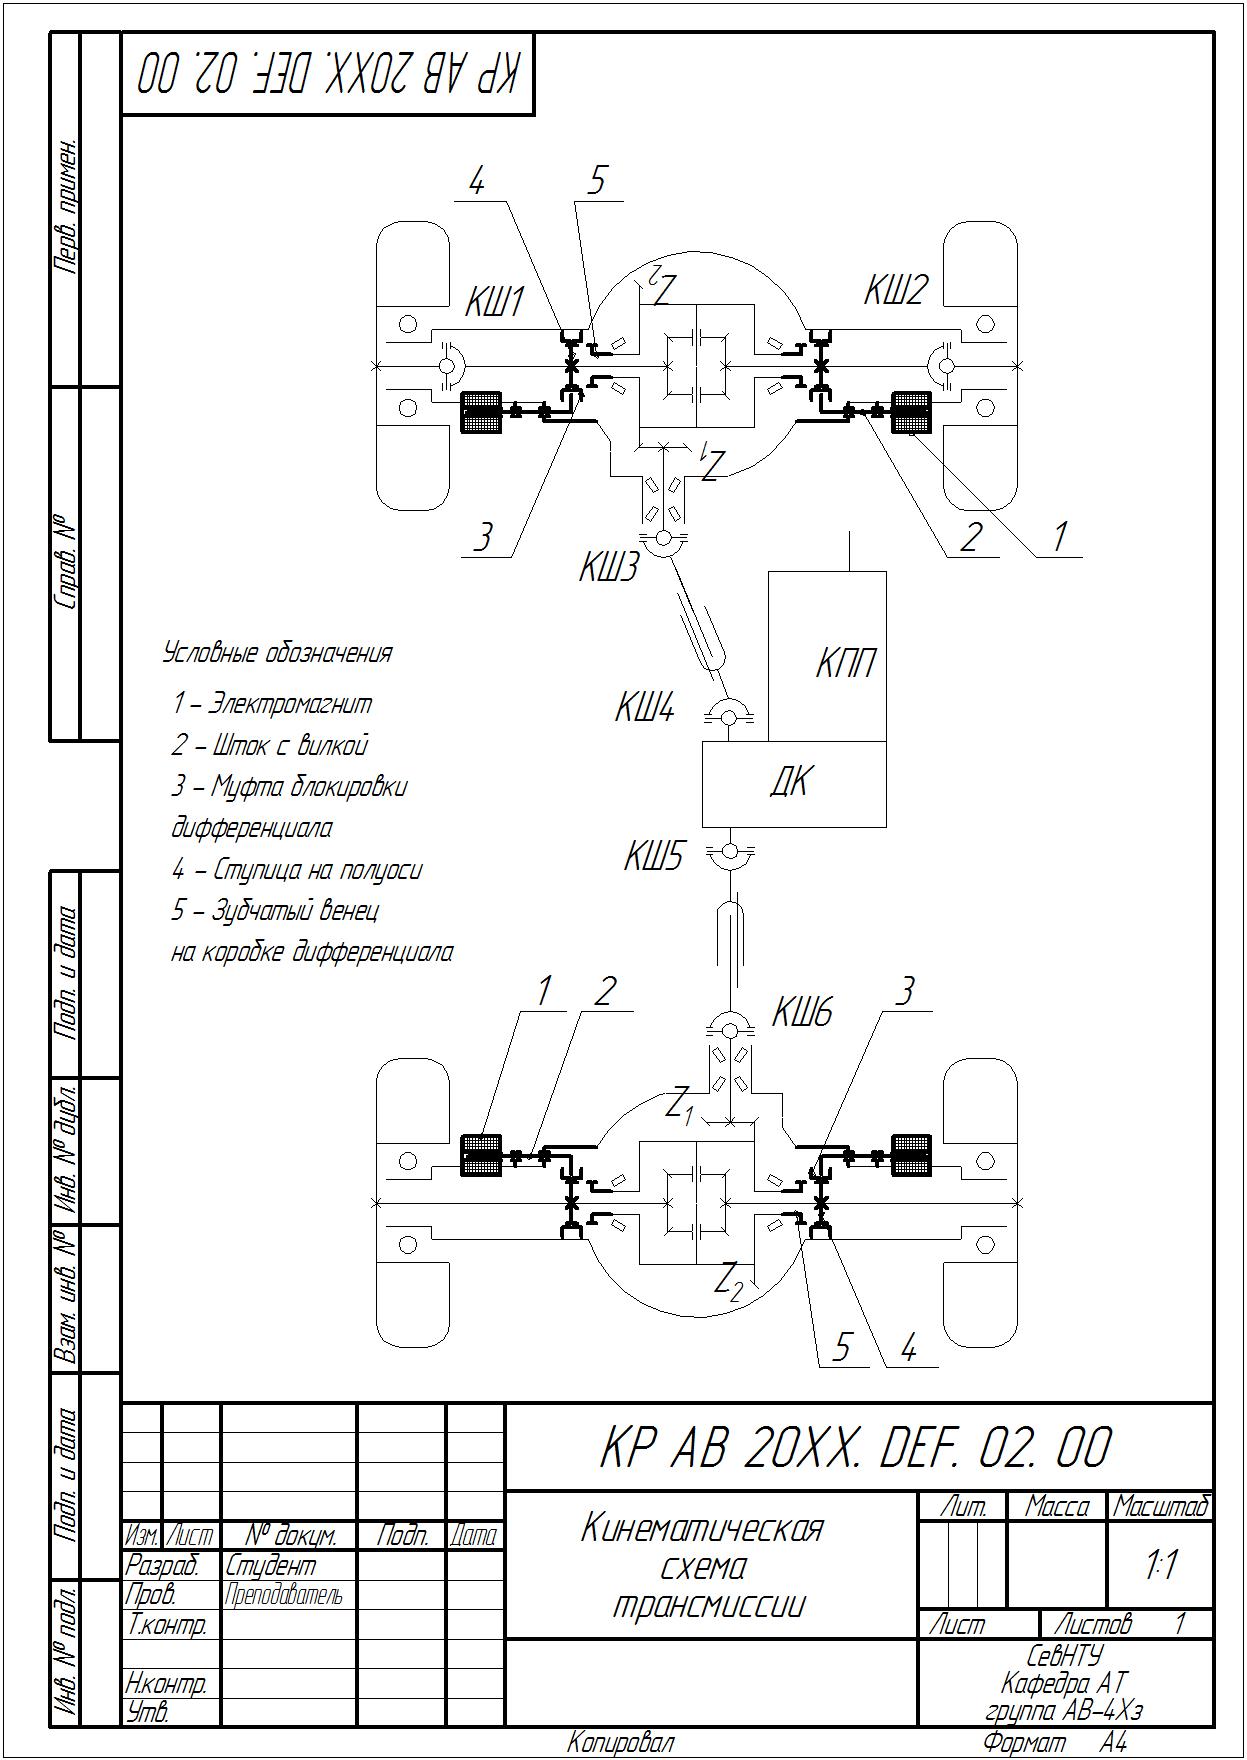 Составление схемы привода машины